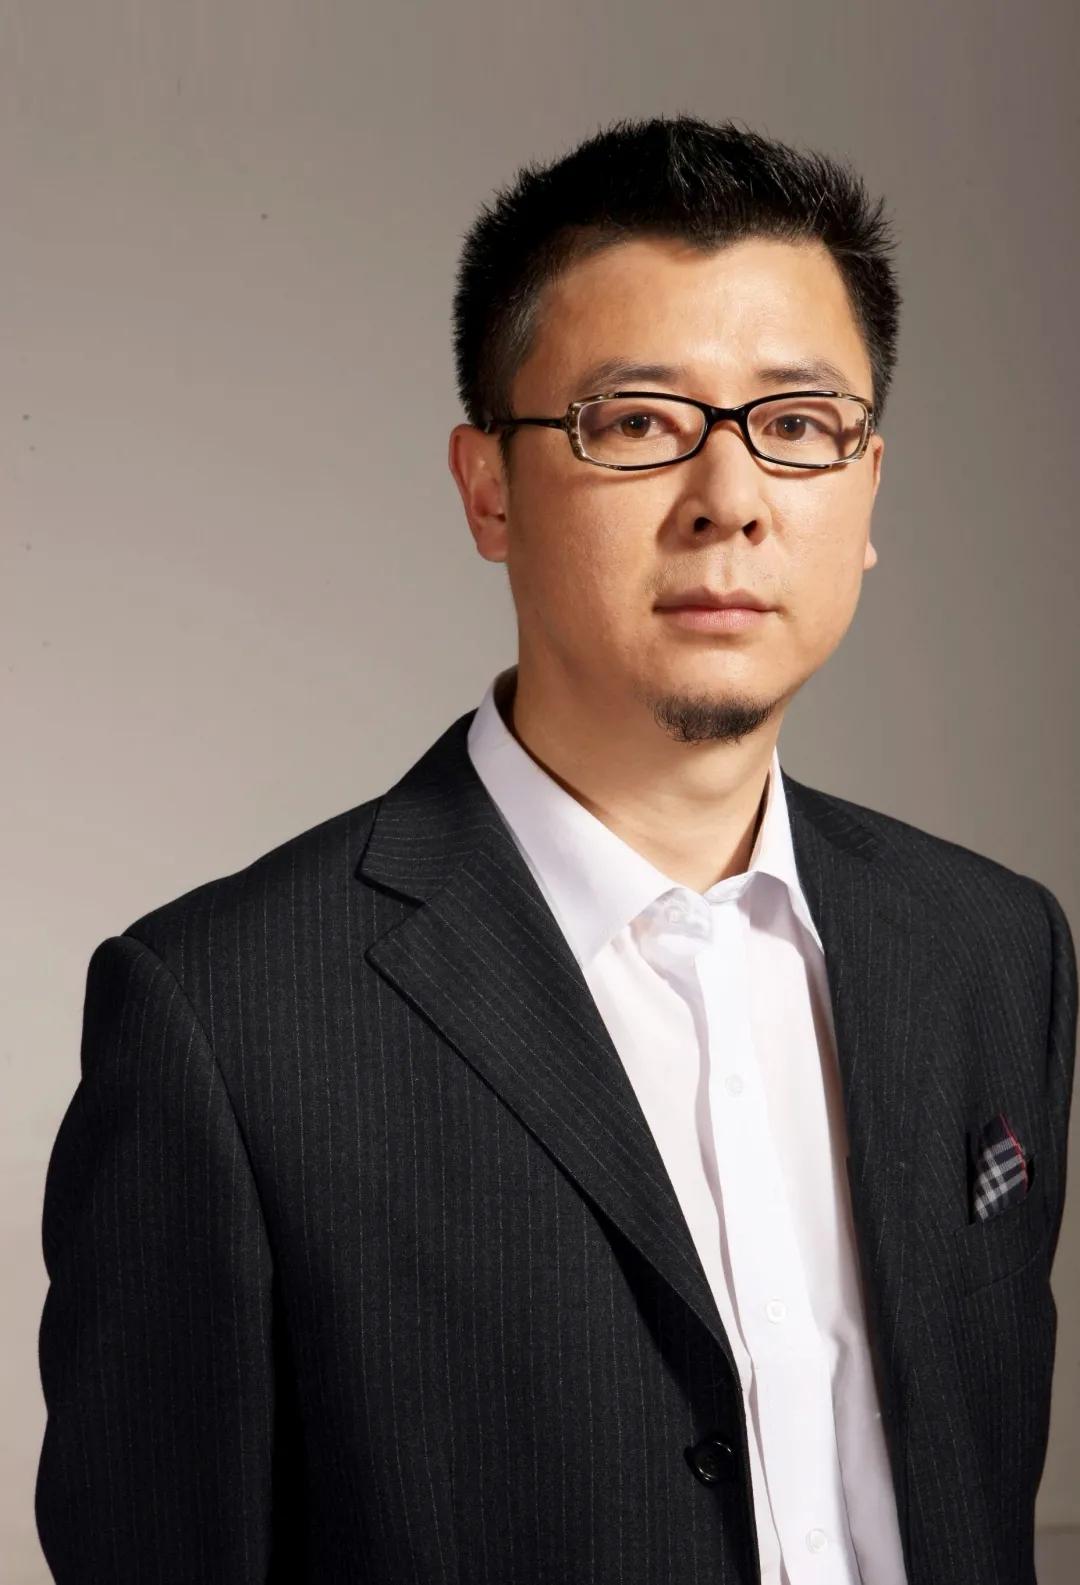 【品牌塑造】丽博家居品牌总监朱训统:展开360度品牌升